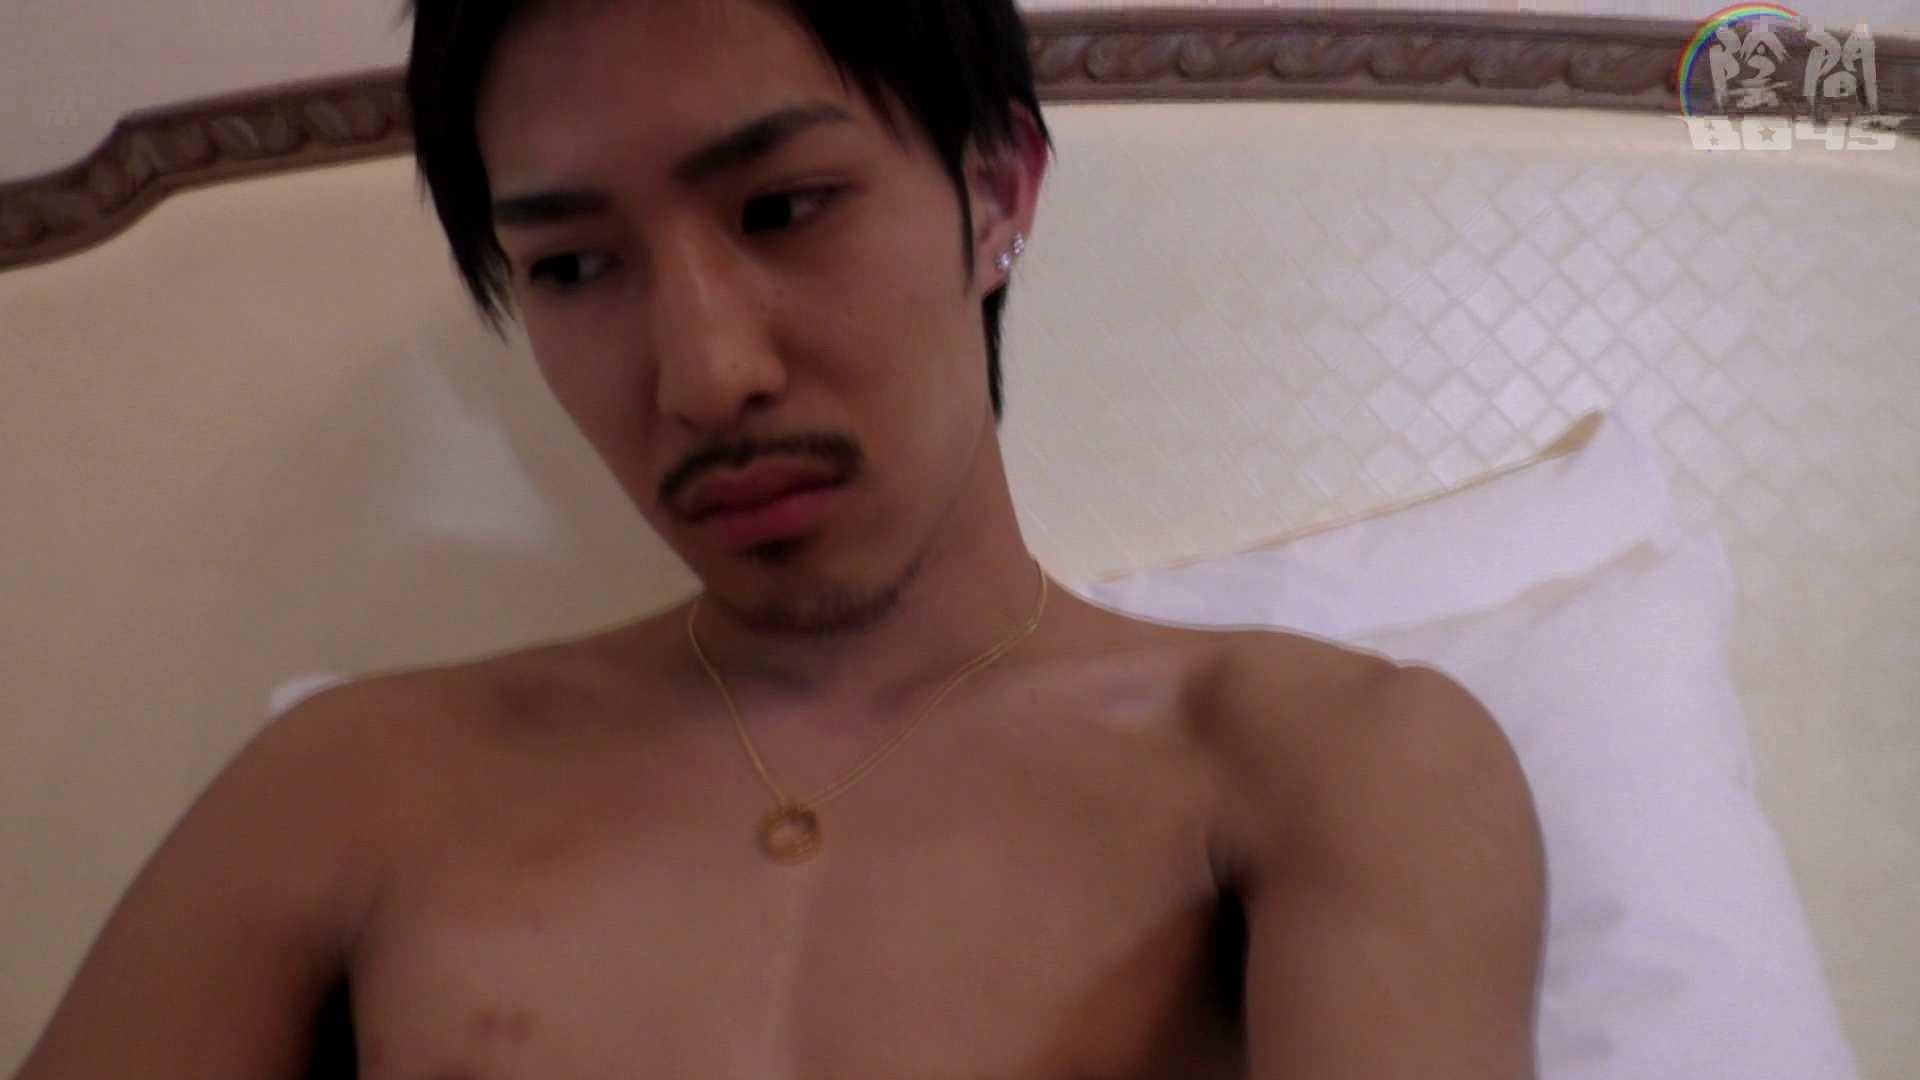 陰間BOYS~「アナルだけは許して…」~03 ハメ撮り特集 ゲイエロ動画 101枚 98